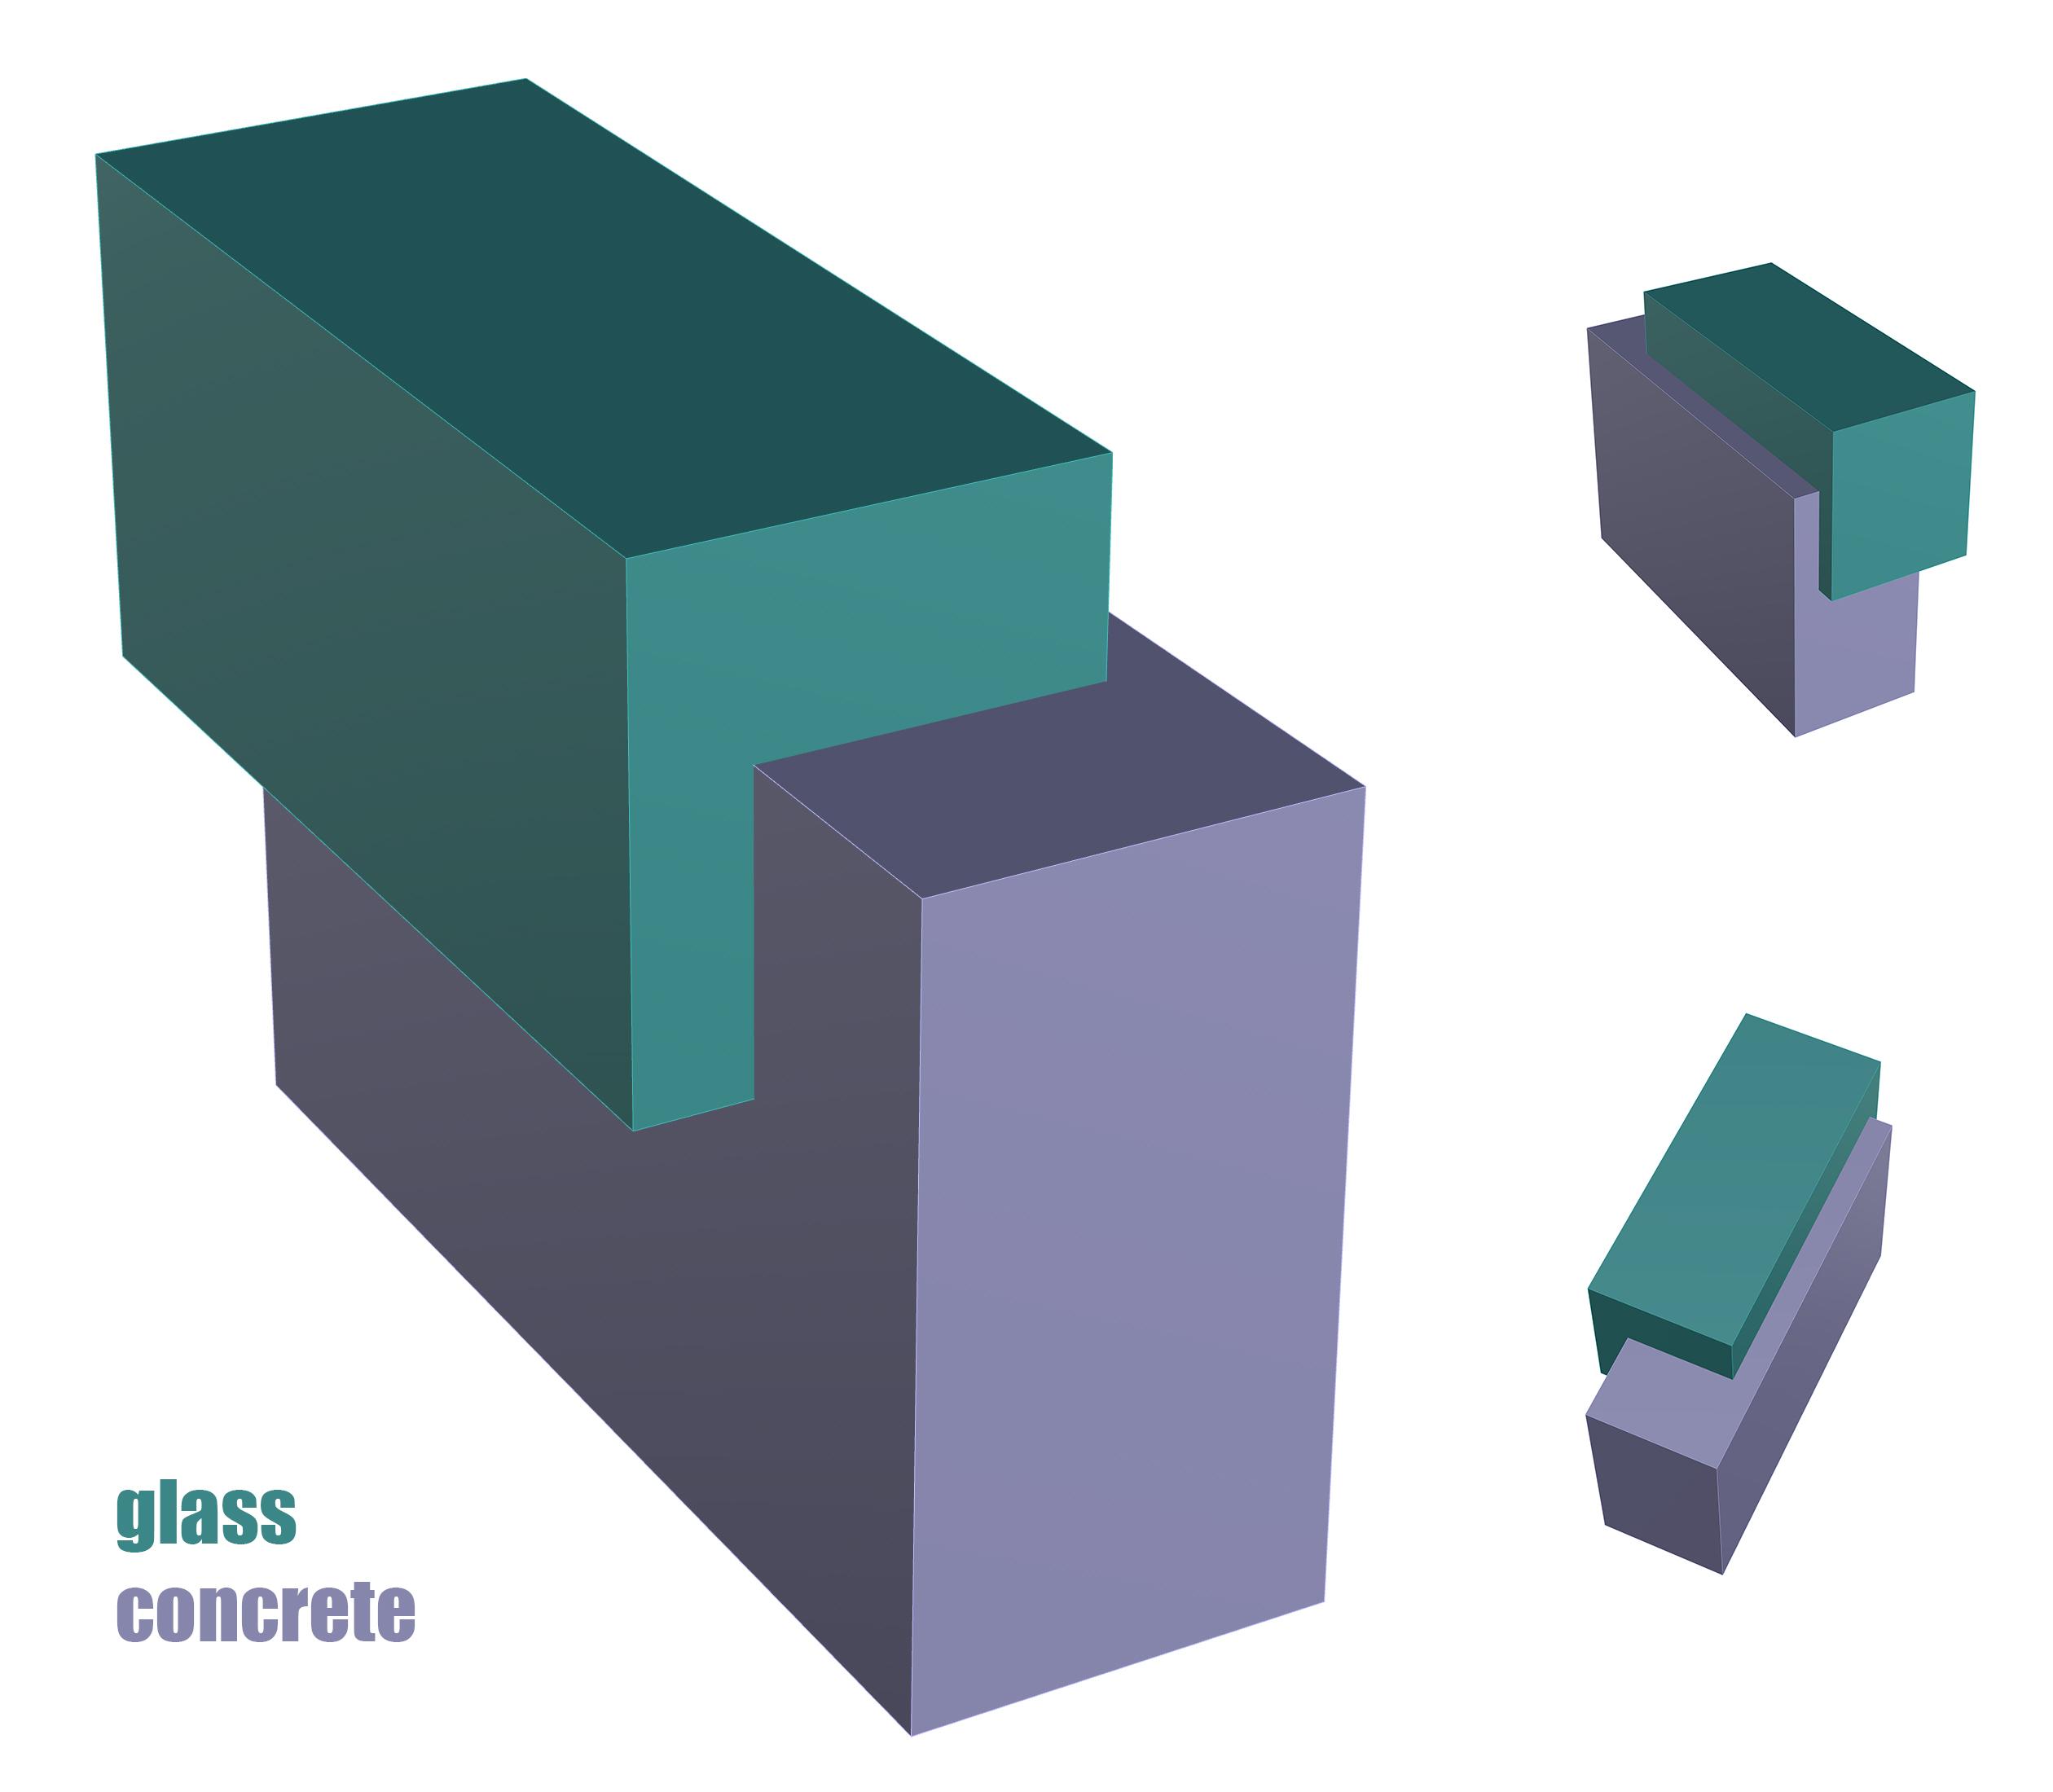 conceptual massing